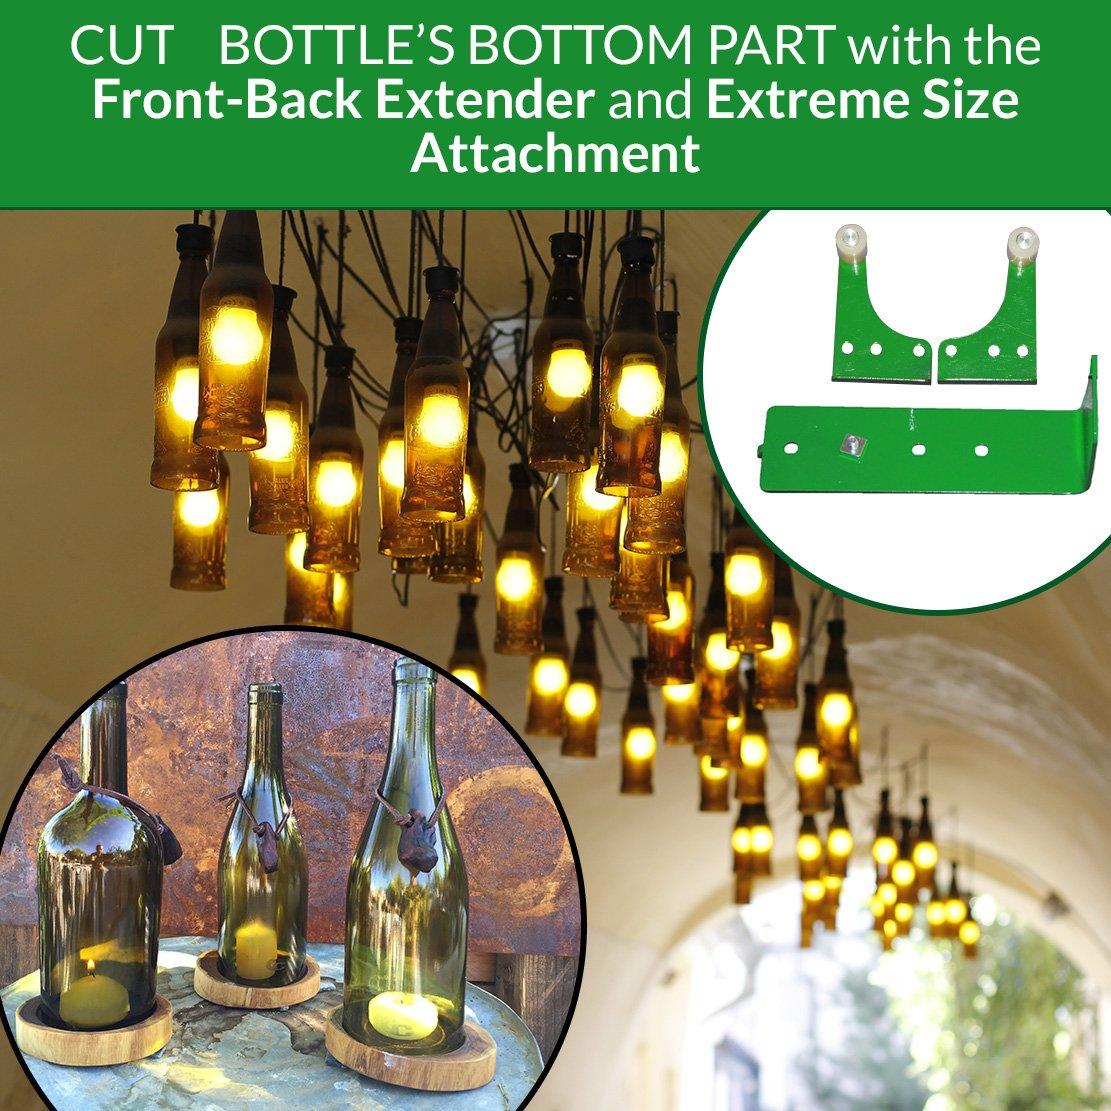 Glass Bottle Cutter Kit Glass Cutter For Beer Bottles Wine